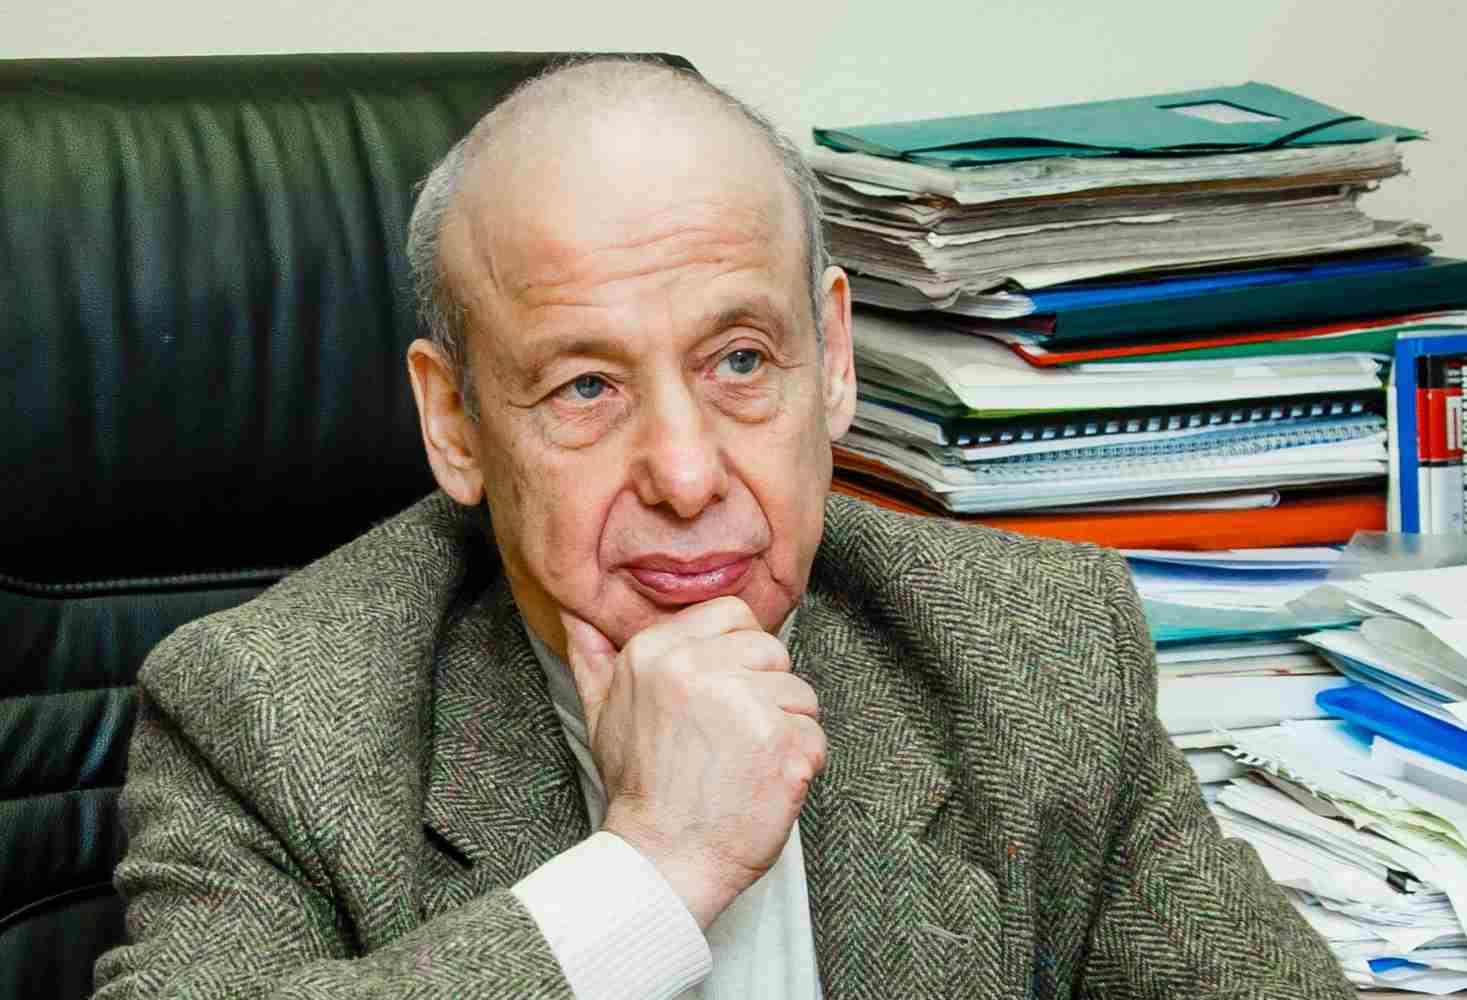 zasluzhennyj-professor-mgu-aleksandr-asmolov-postavil-vopros-o-votume-nedoveriya-ministru-prosveshheniya